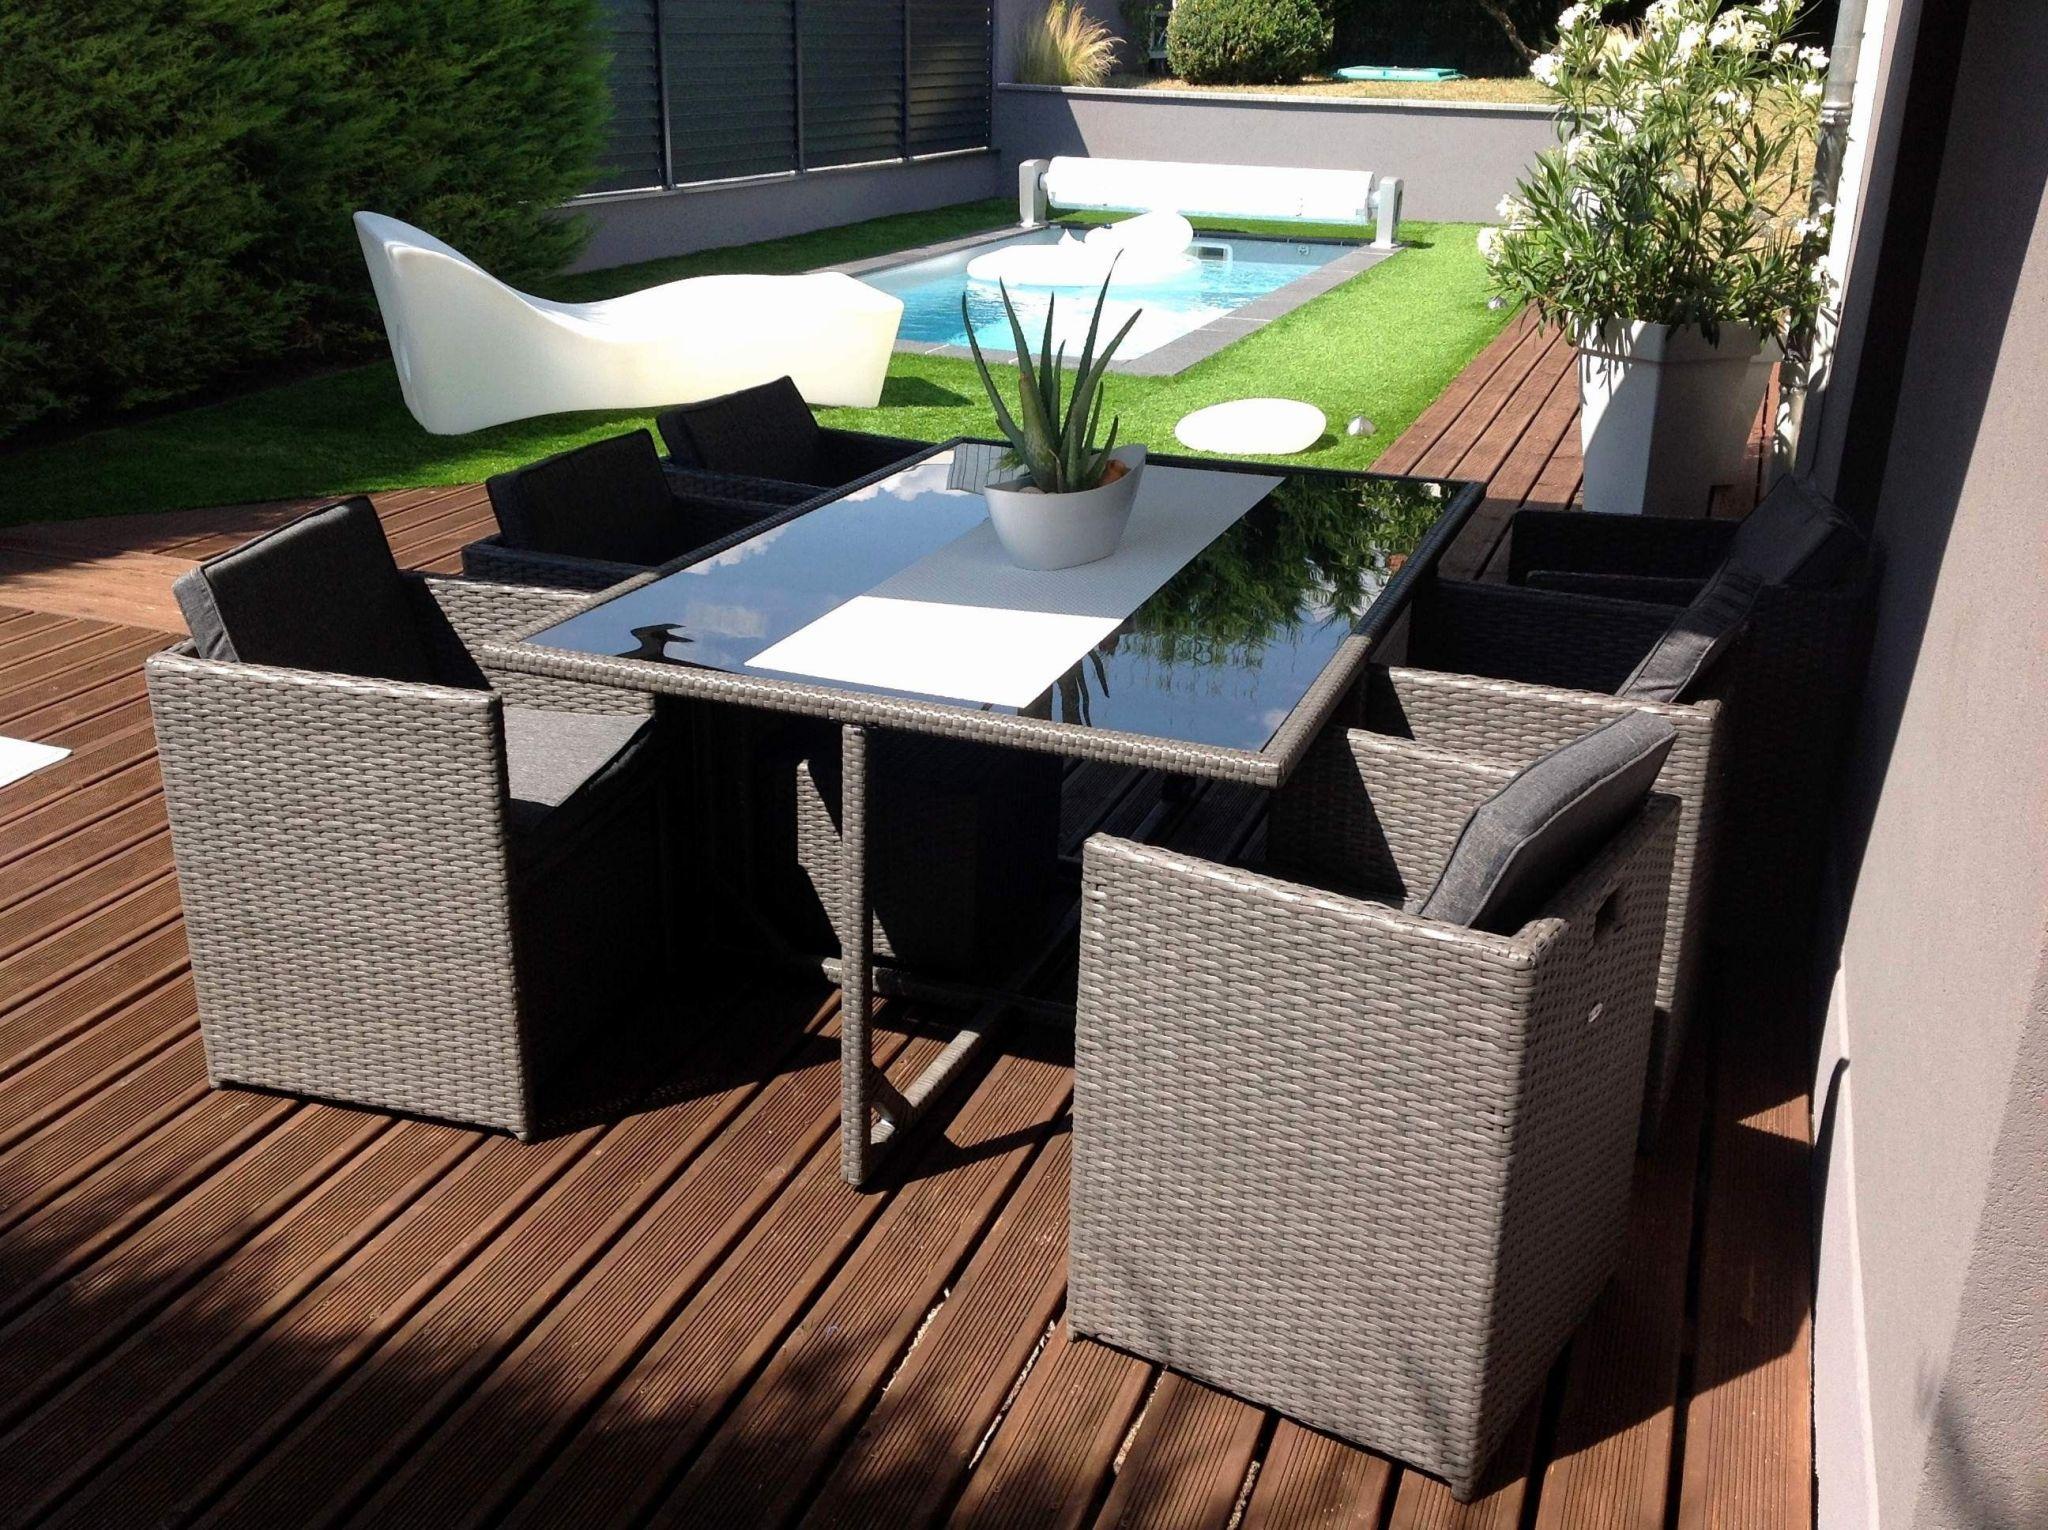 table de jardin extensible 12 personnes ainsi que table de jardin metal 12 luxe de table metal jardin de table de jardin extensible 12 personnes